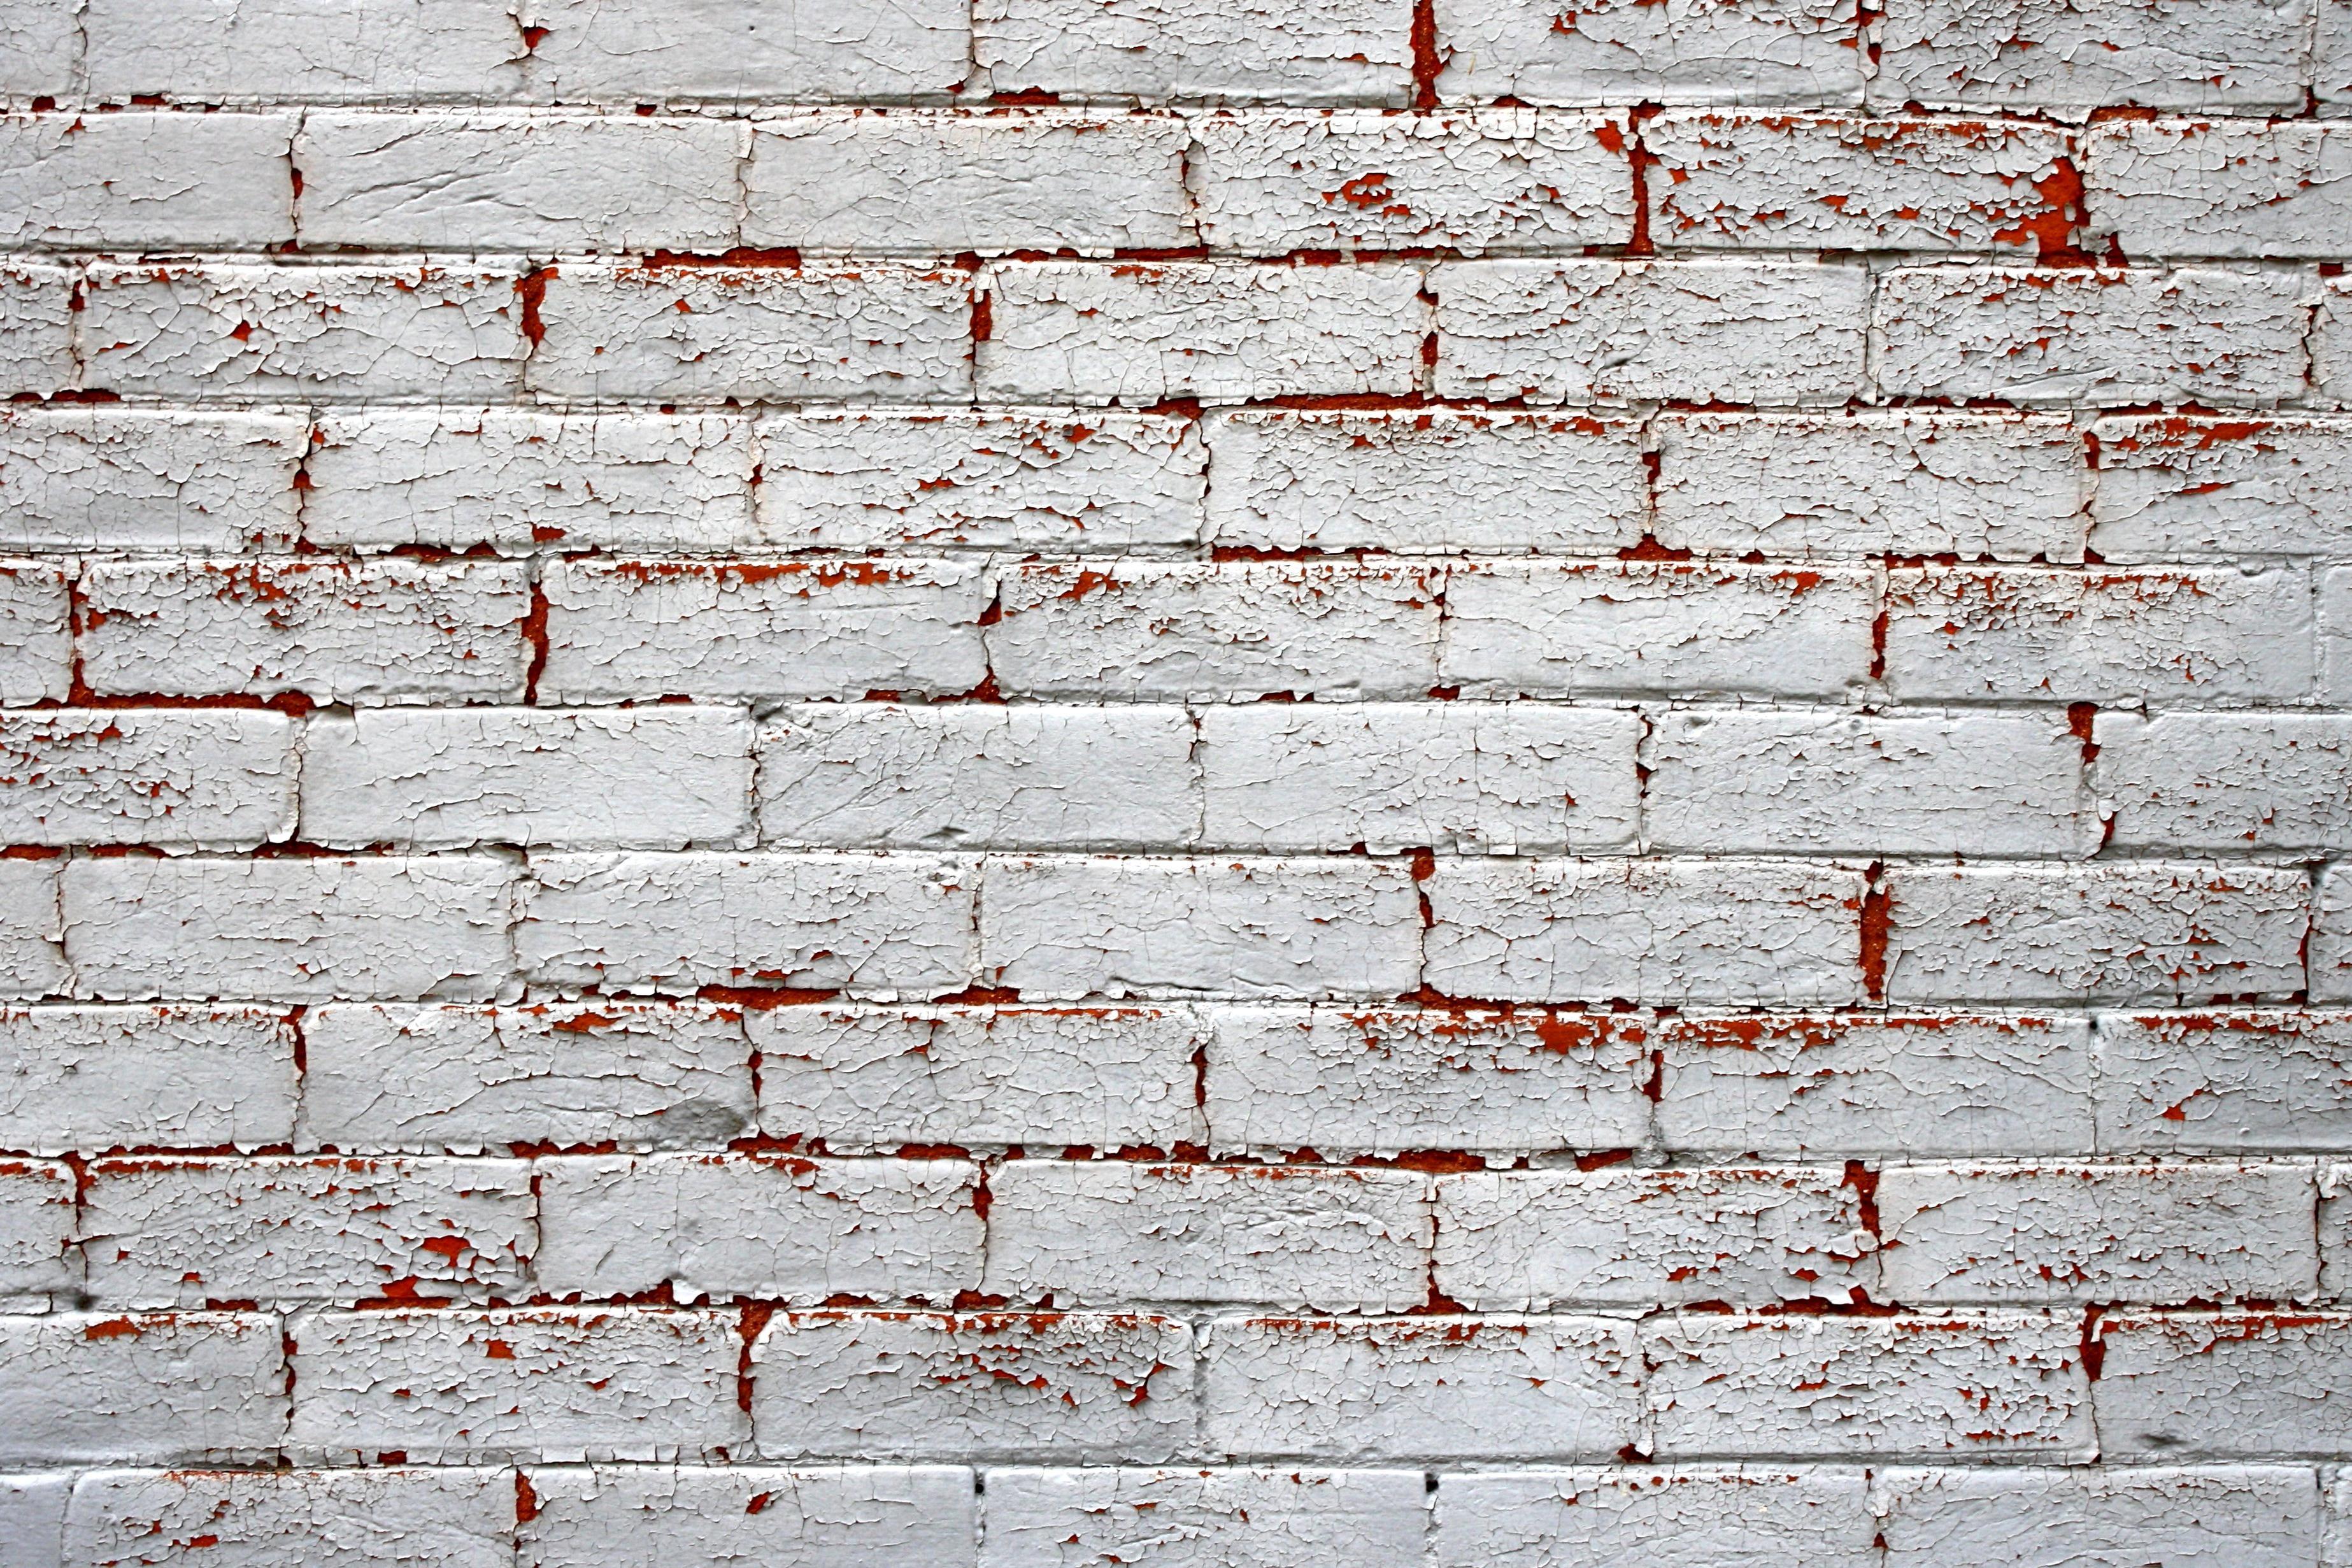 mur brique peint download fond grisclair de brique vieux. Black Bedroom Furniture Sets. Home Design Ideas